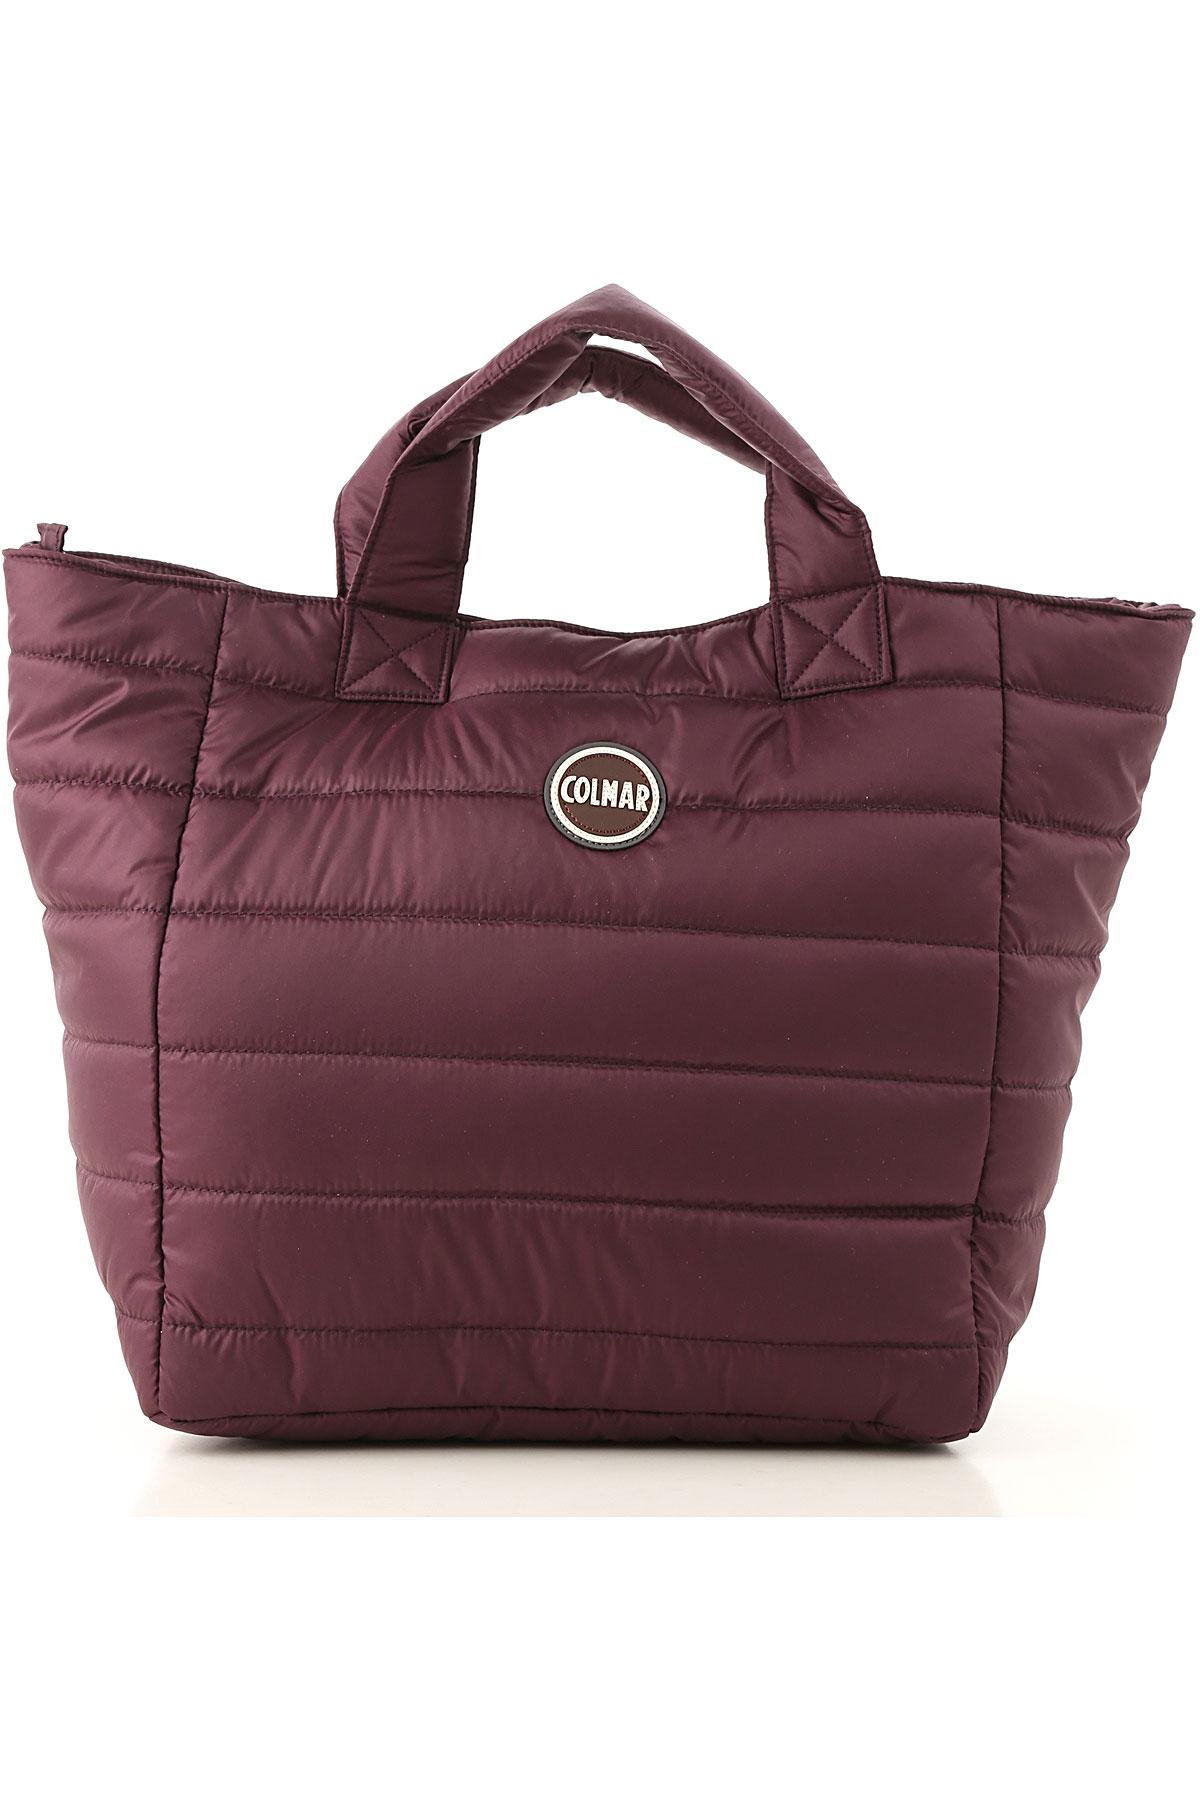 Image of Colmar Tote Bag, Dark Violet, Nylon, 2017